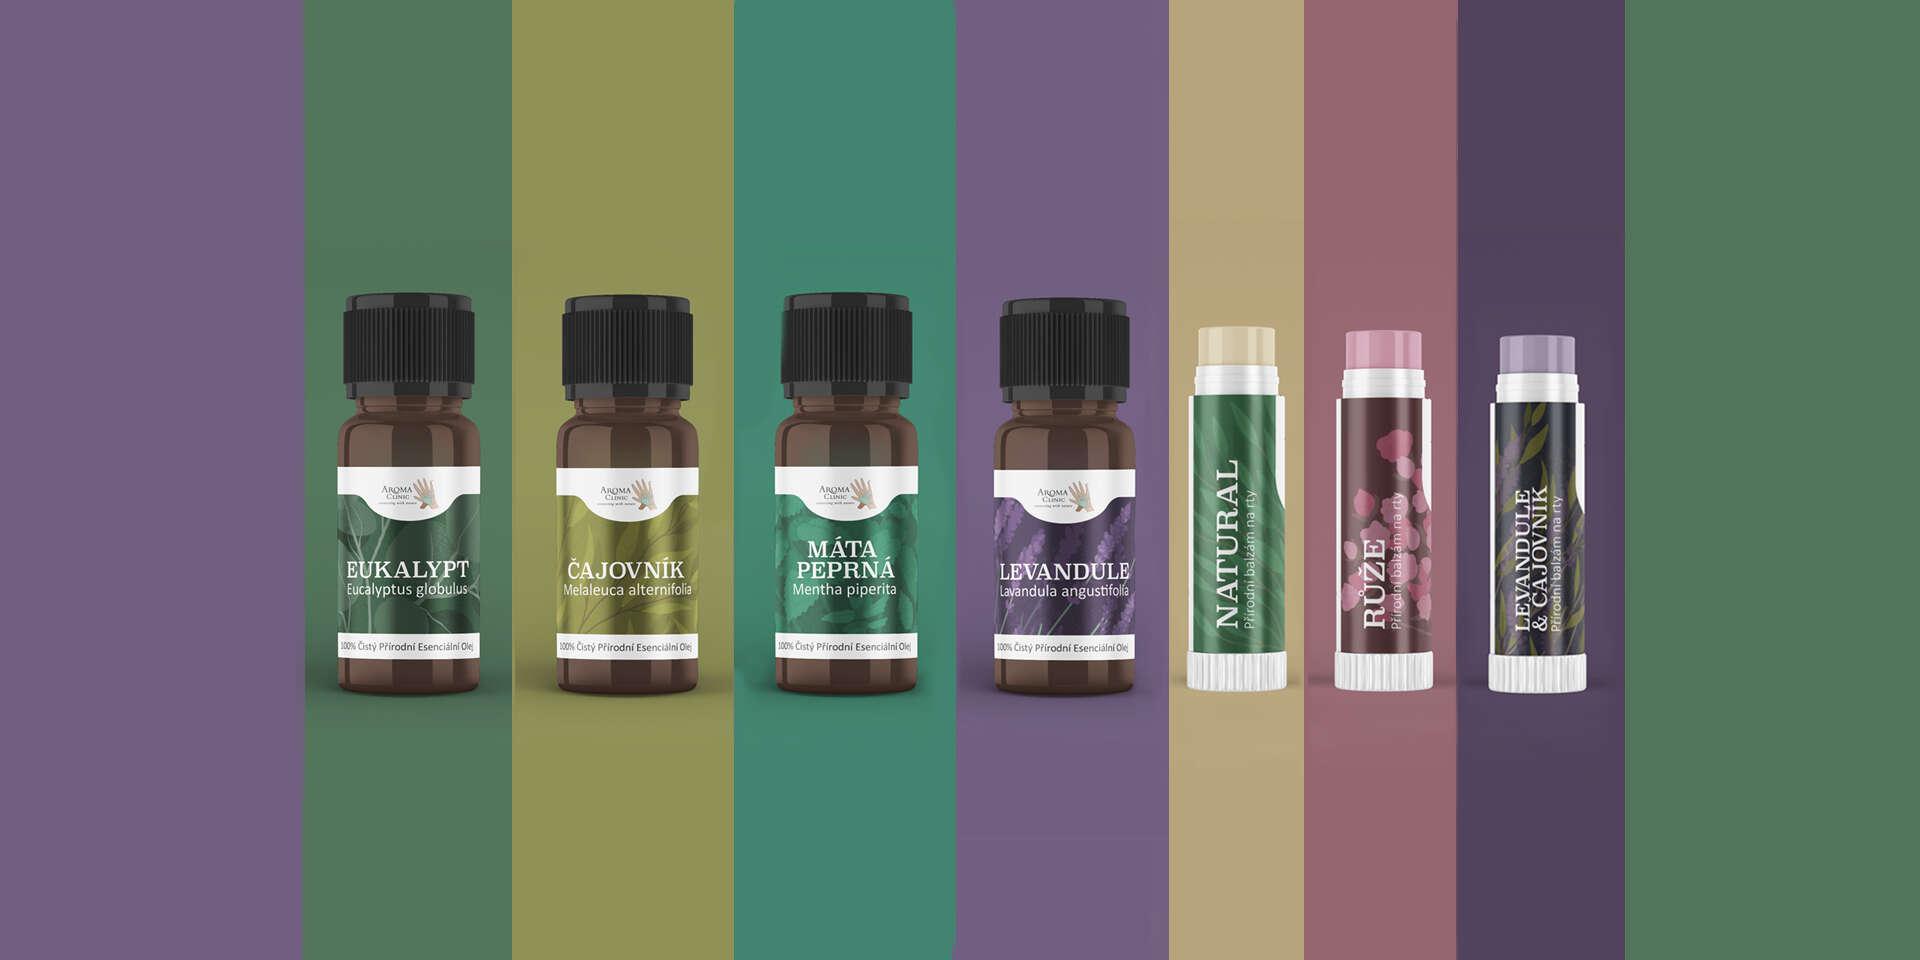 100 % prírodné balzamy na pery a čisté esenciálne oleje Aroma Clinics